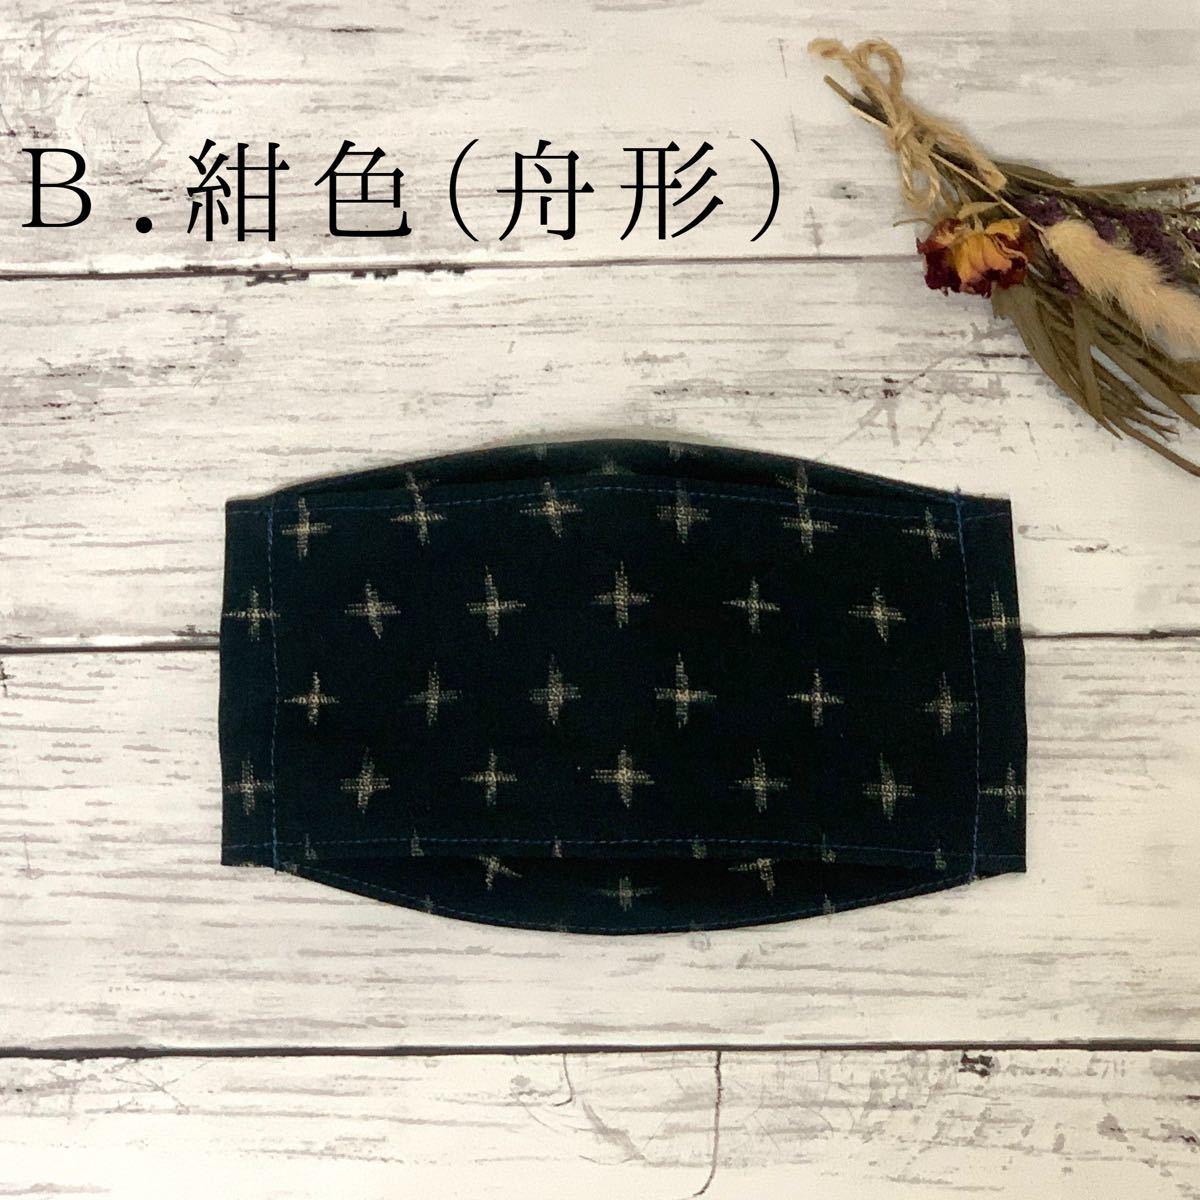 【ハンドメイド】和柄 2枚セット 立体インナー 国産ダブルガーゼ 大人サイ大臣型 絣柄 かすり柄 若草色 紺色